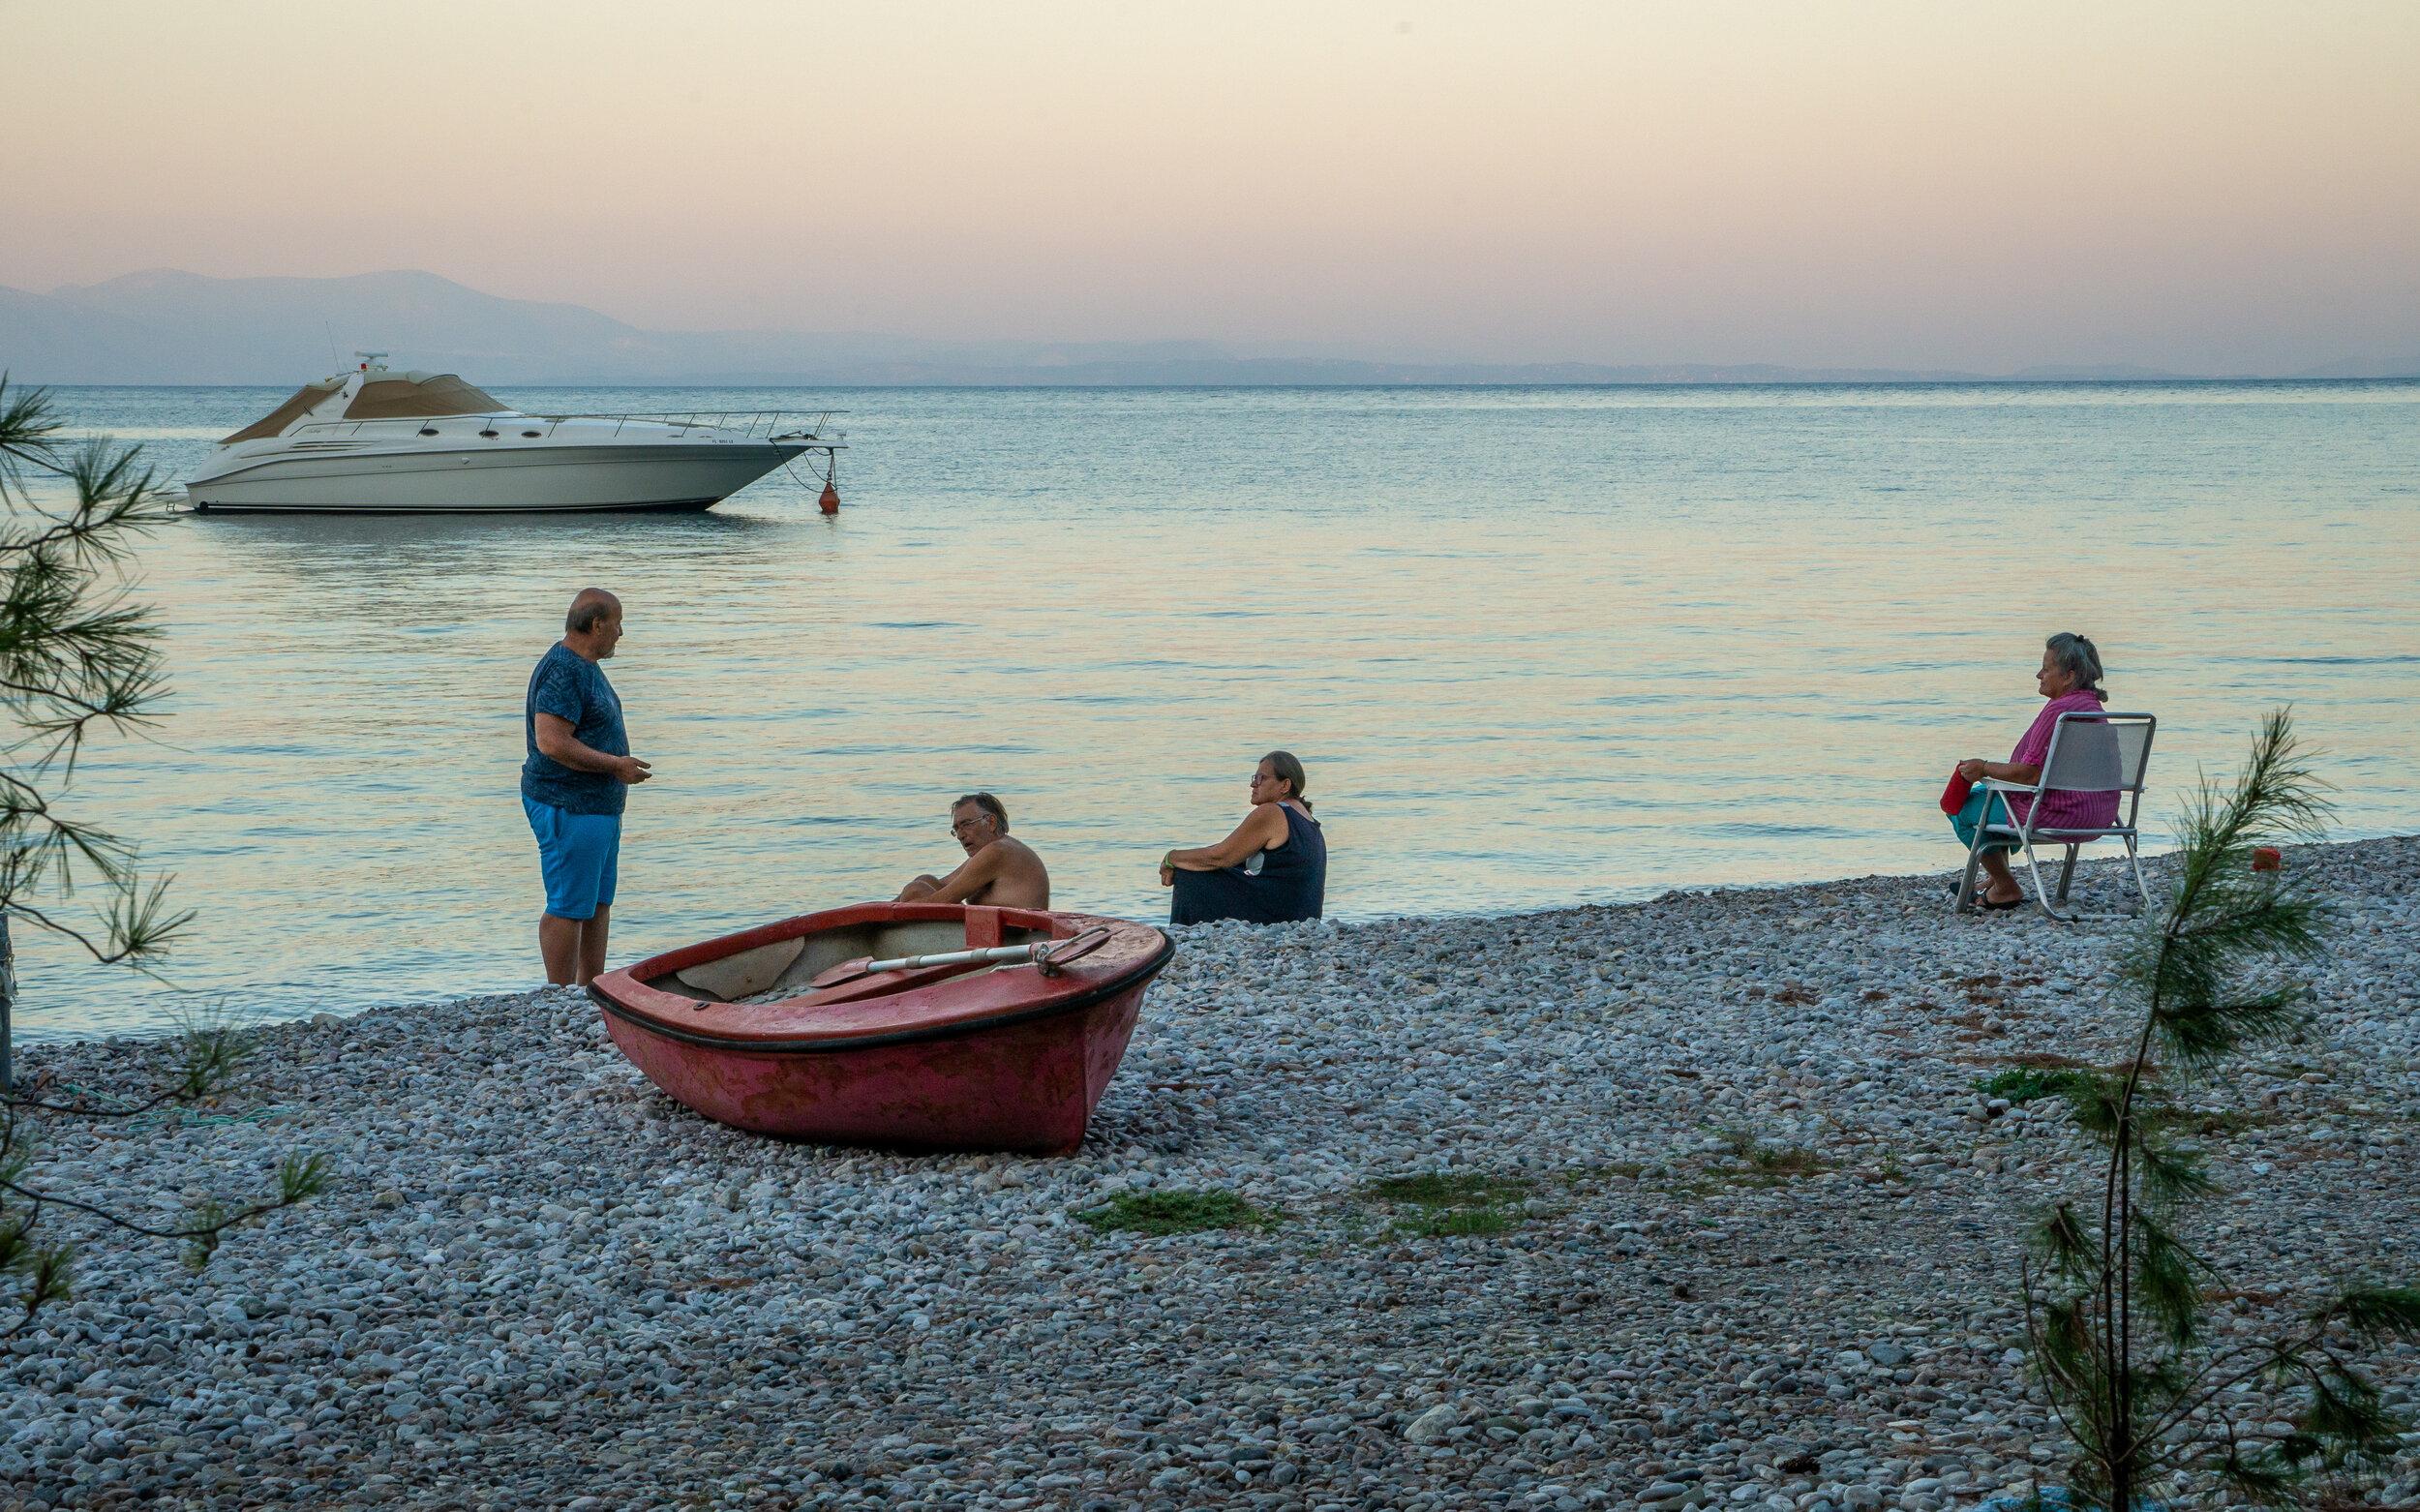 Die Griechen und das Meer: Eine Liebesgeschichte in Blau